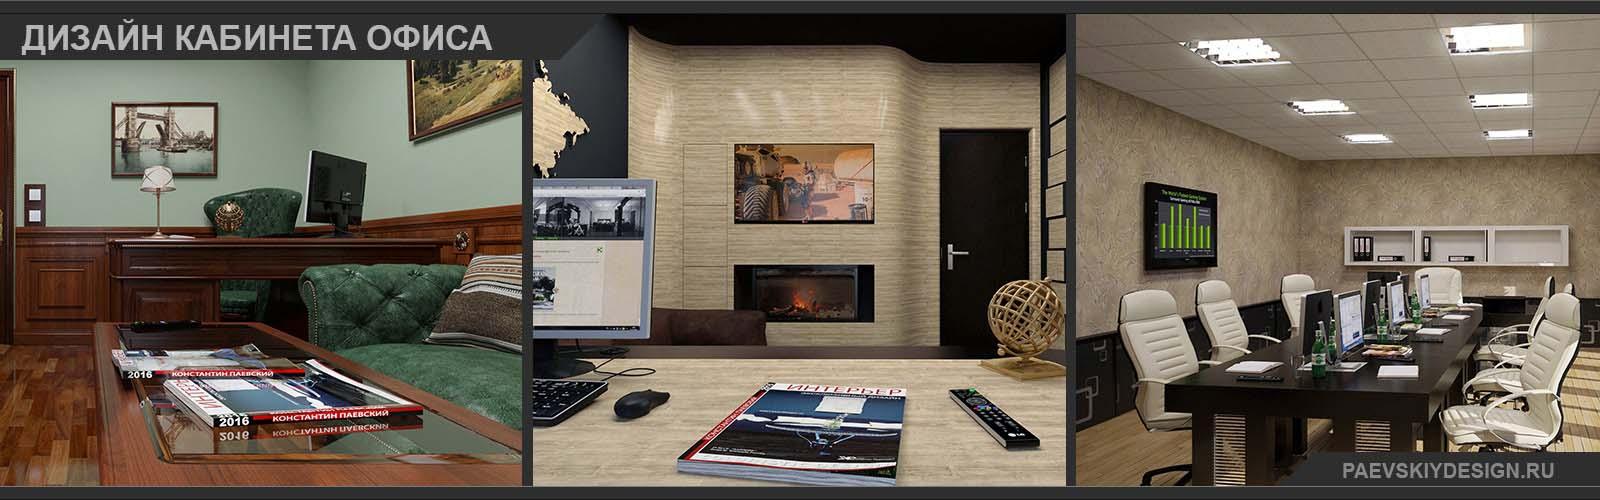 Разработка дизайна интерьера офиса, кабинета